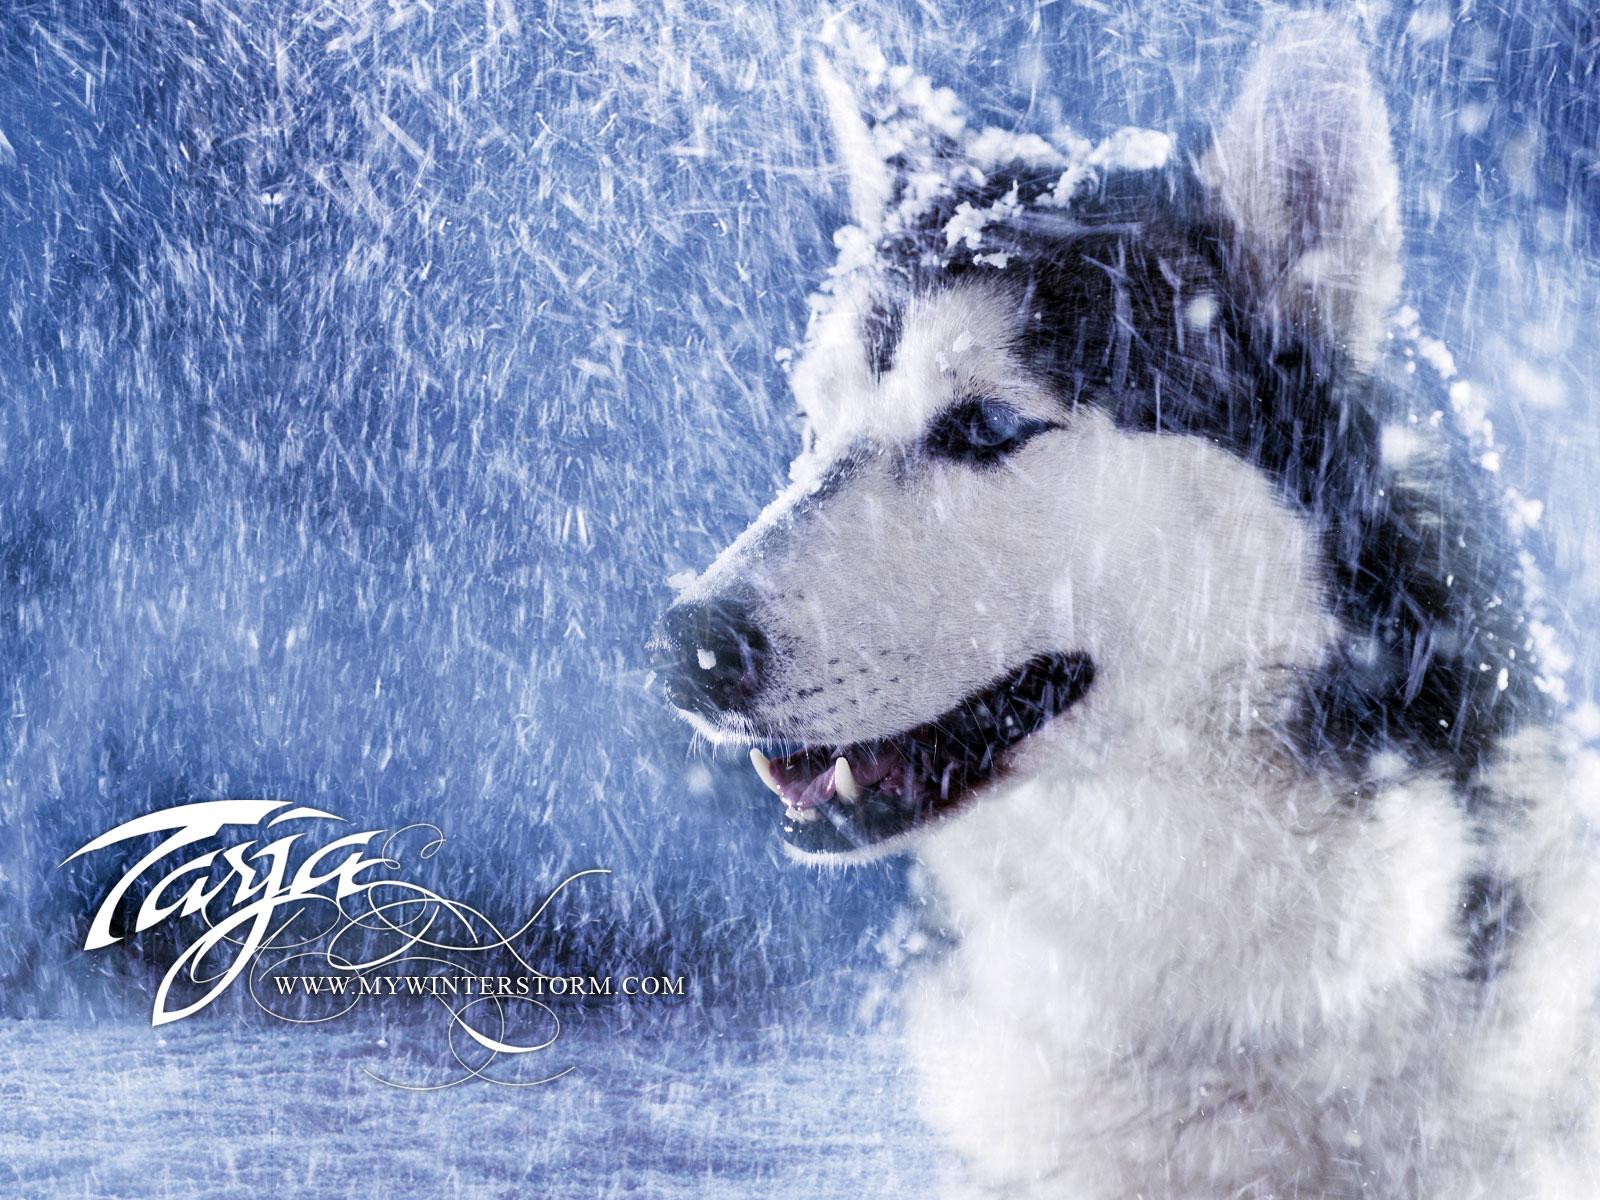 волк, снег, фото, зима, скачать обои для рабочего стола